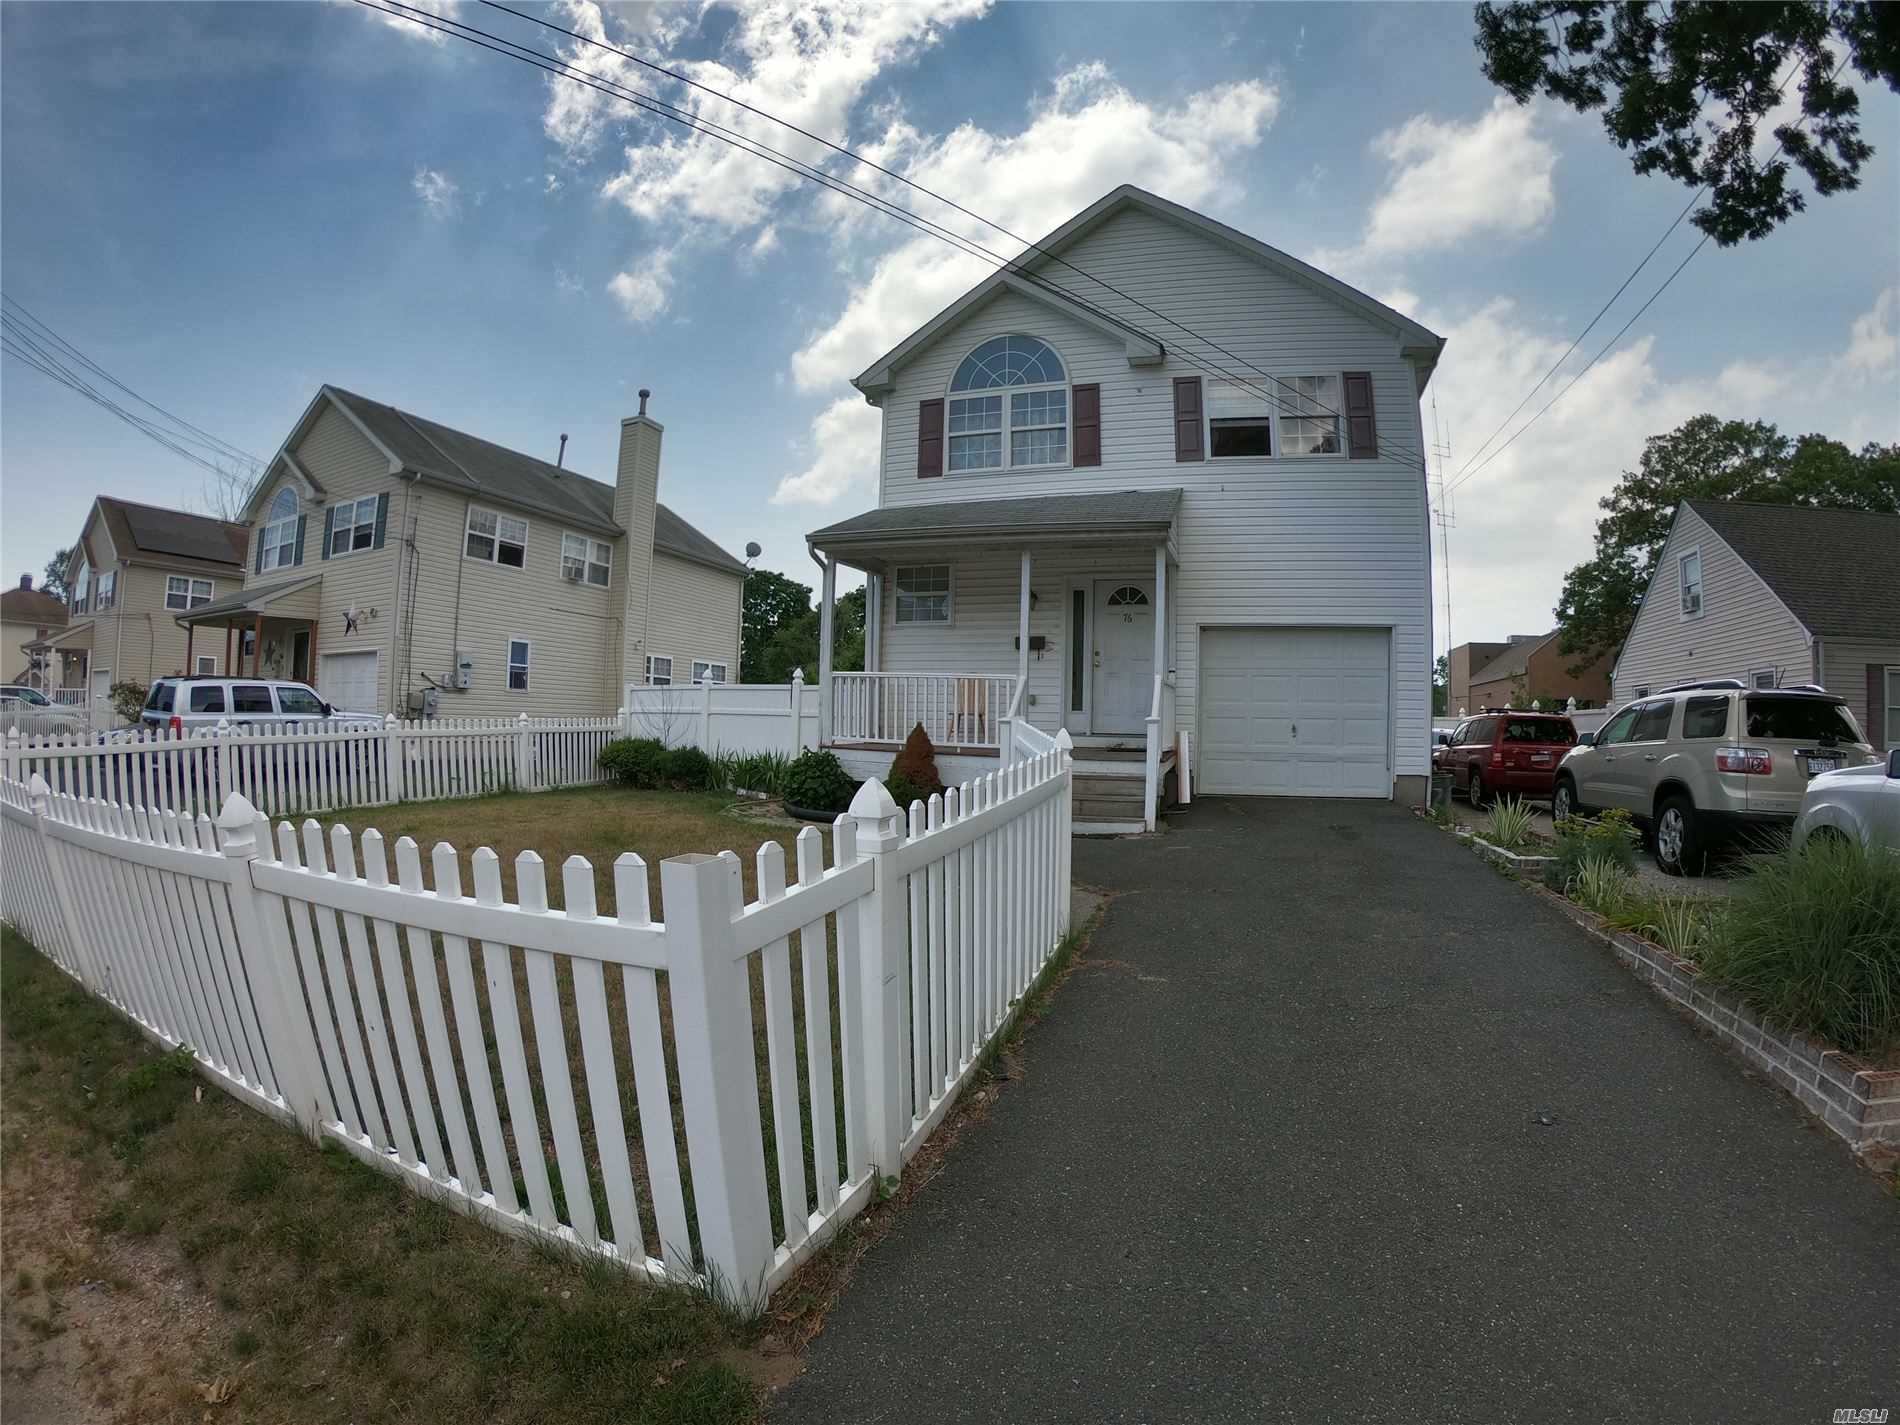 76 Center Ave Avenue, Bay Shore, NY 11706 - MLS#: 3229266